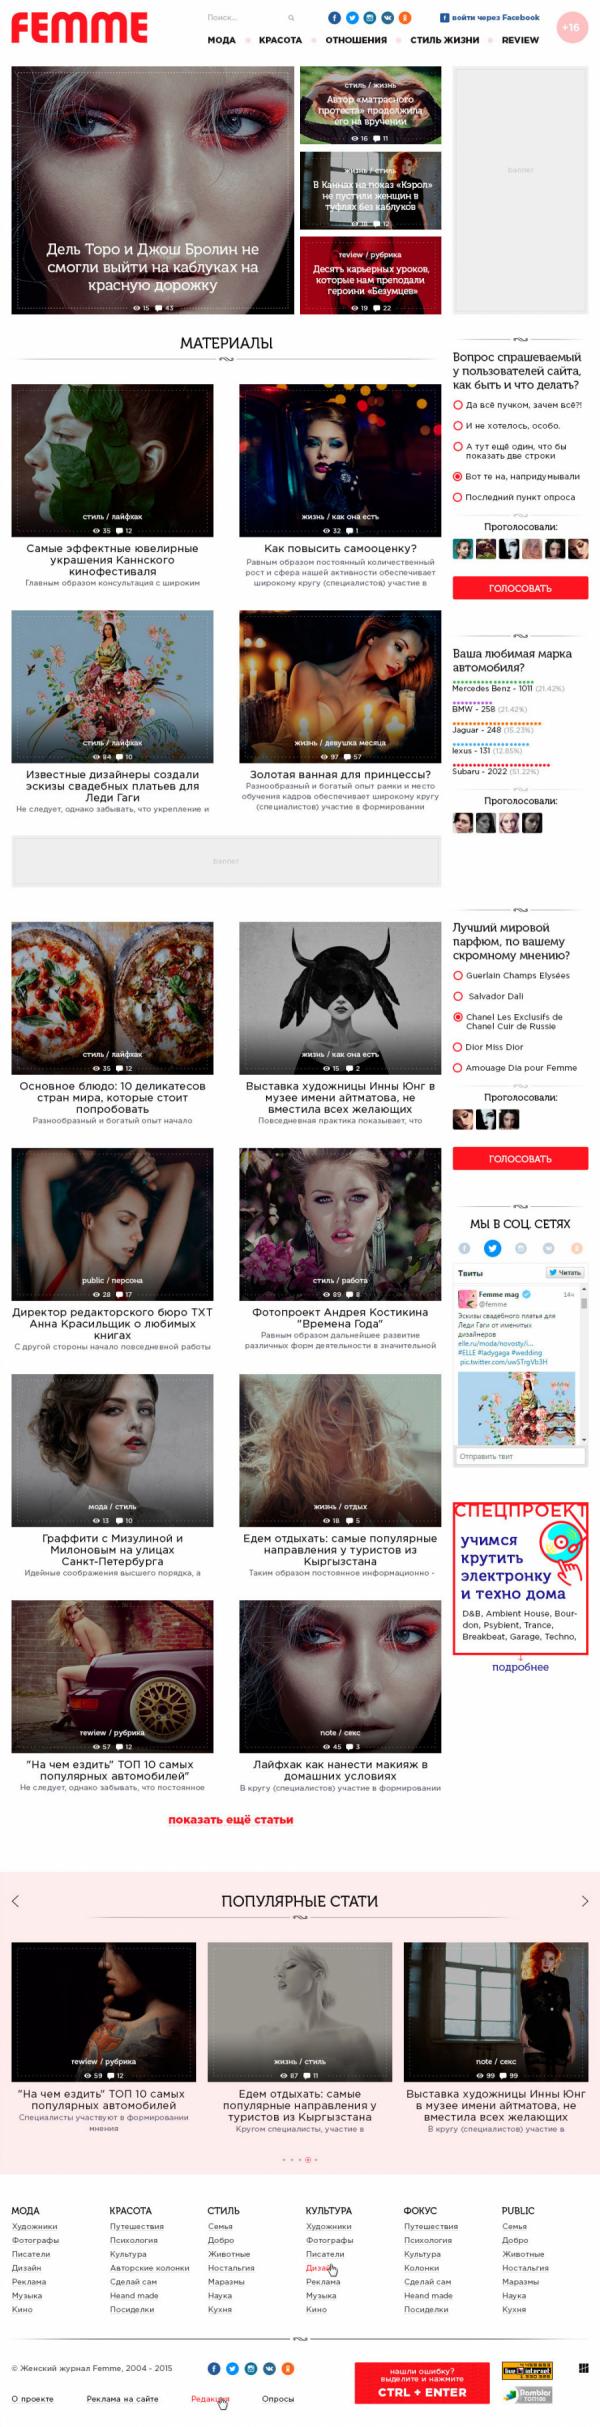 Женский журнал Femme